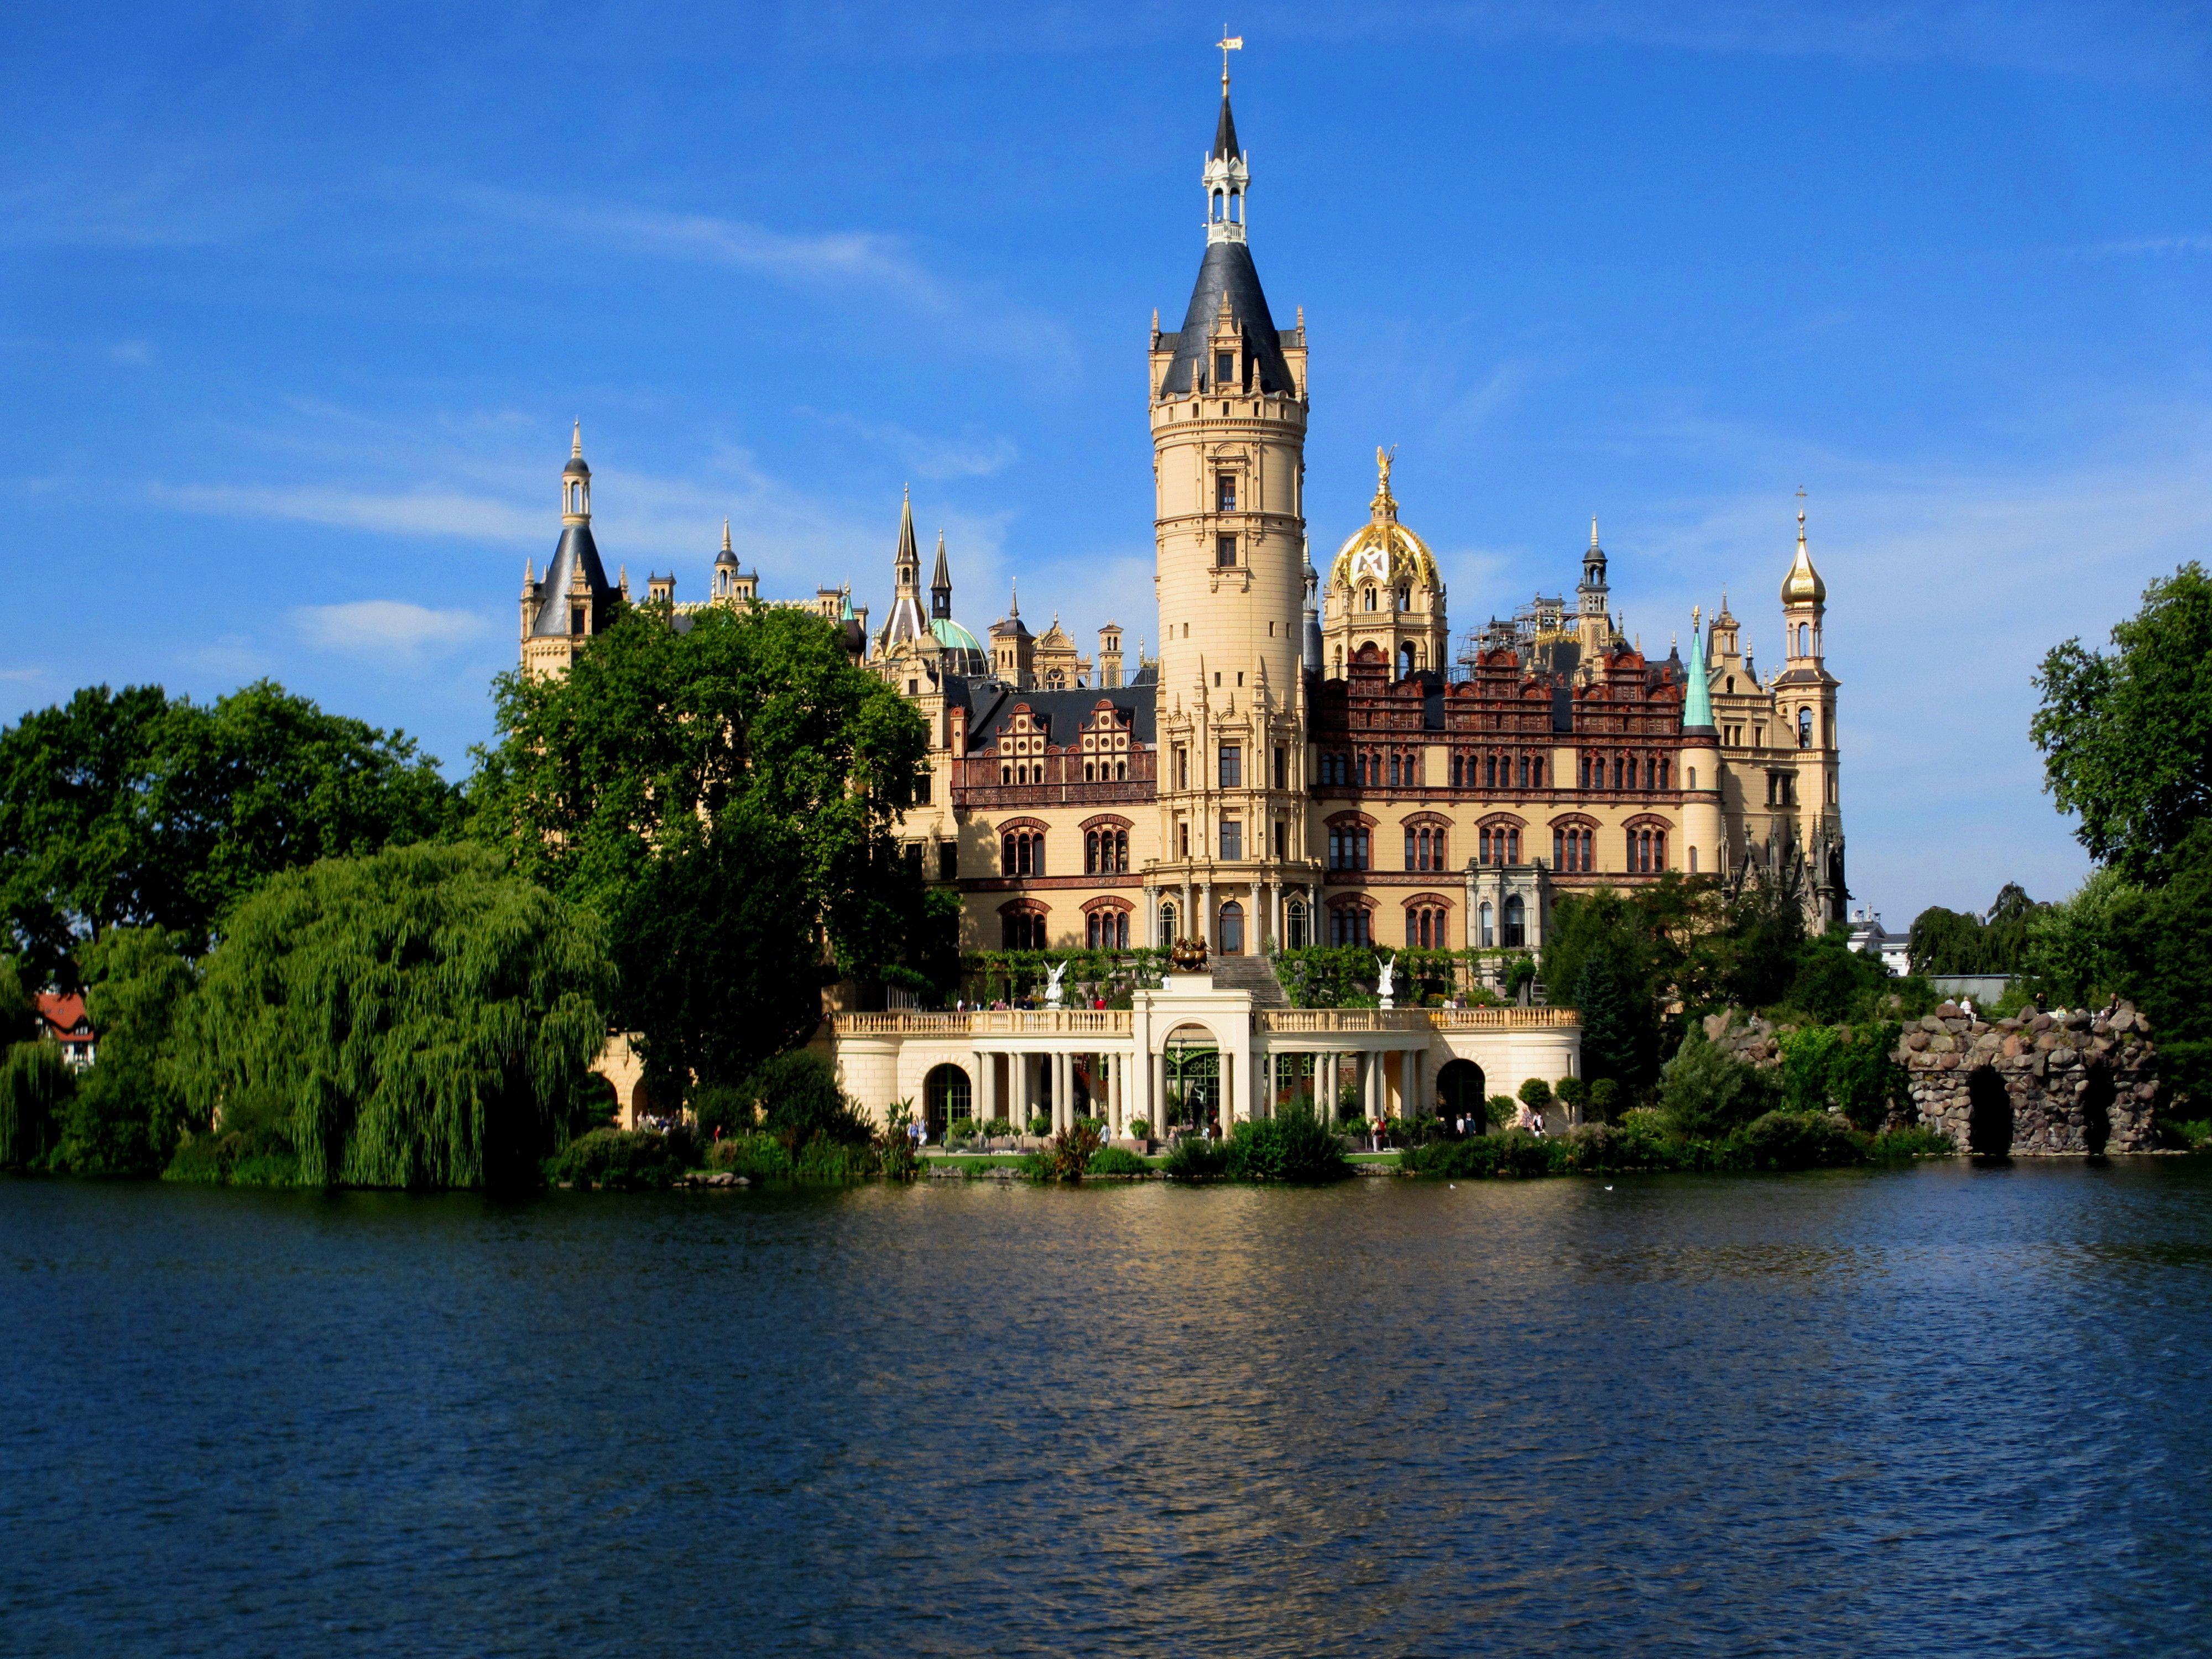 Schwerin Castle Www Megandax Com Germany Castles Schwerin Castle